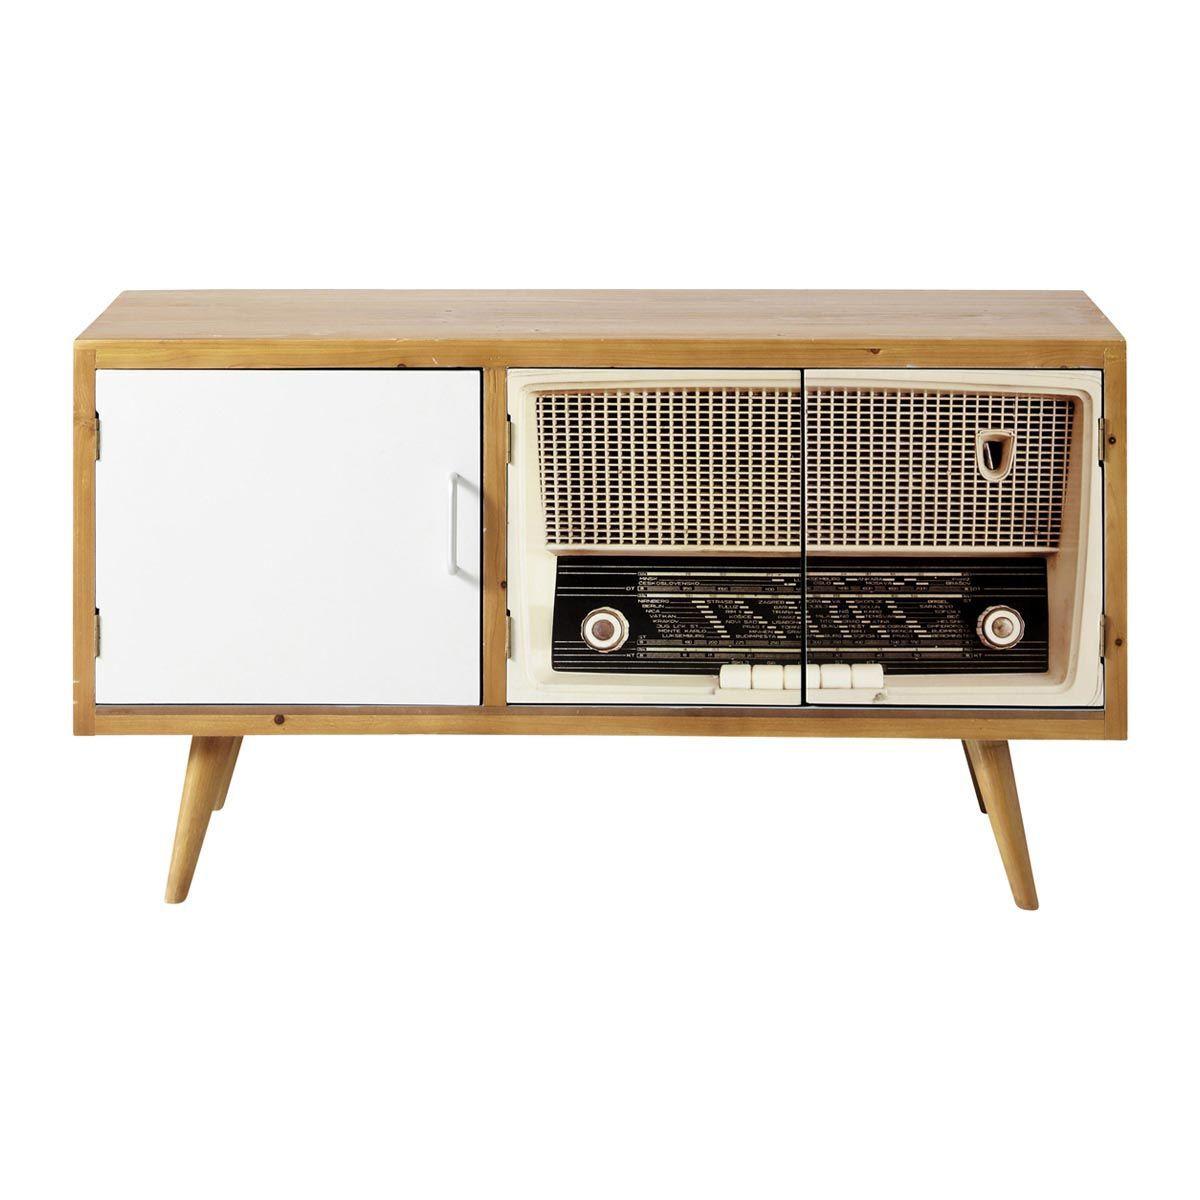 dispositivo eletronico vintage